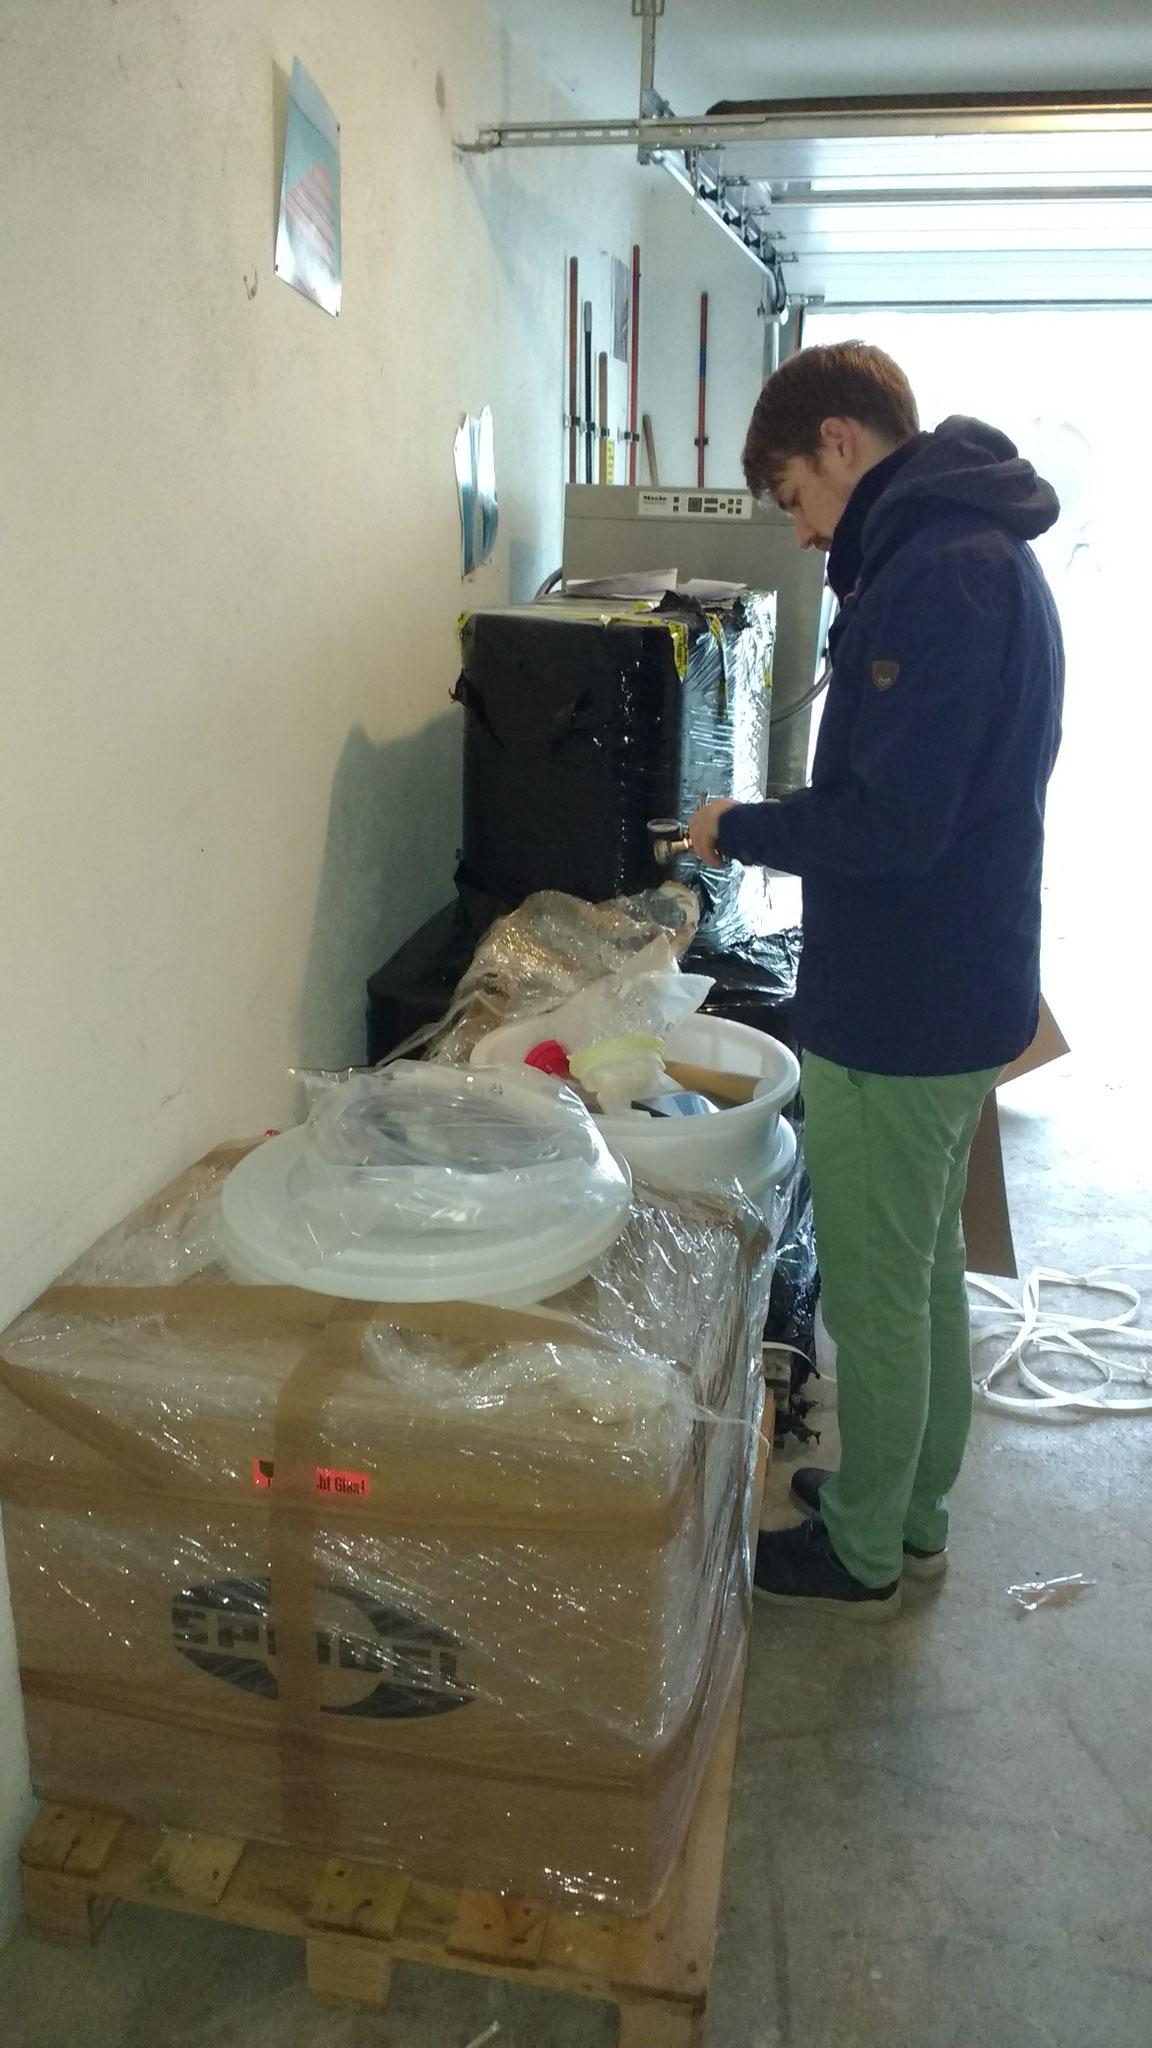 Inzwischen wird auch schon das erste Brauerei-Equipment angeliefert